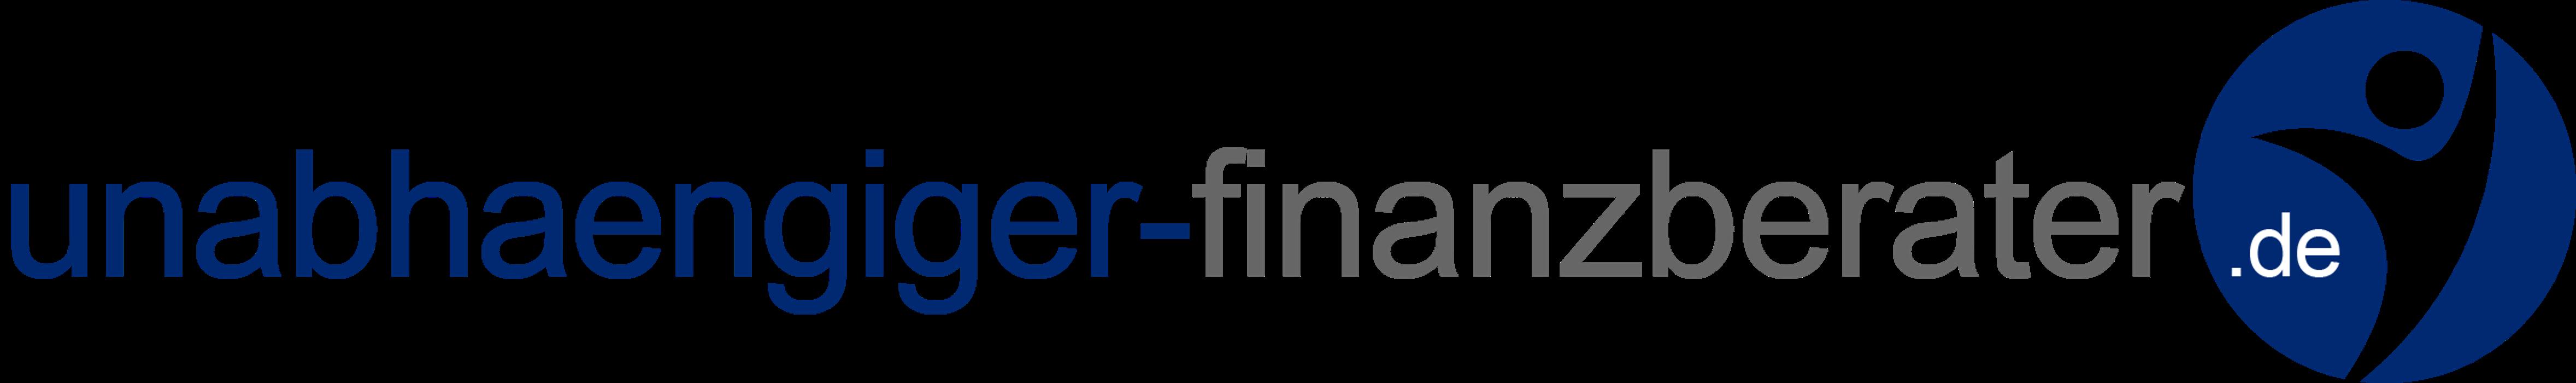 Bild zu unabhaengiger-finanzberater.de - ein Projekt der Incofin GmbH & Co. KG in Recklinghausen